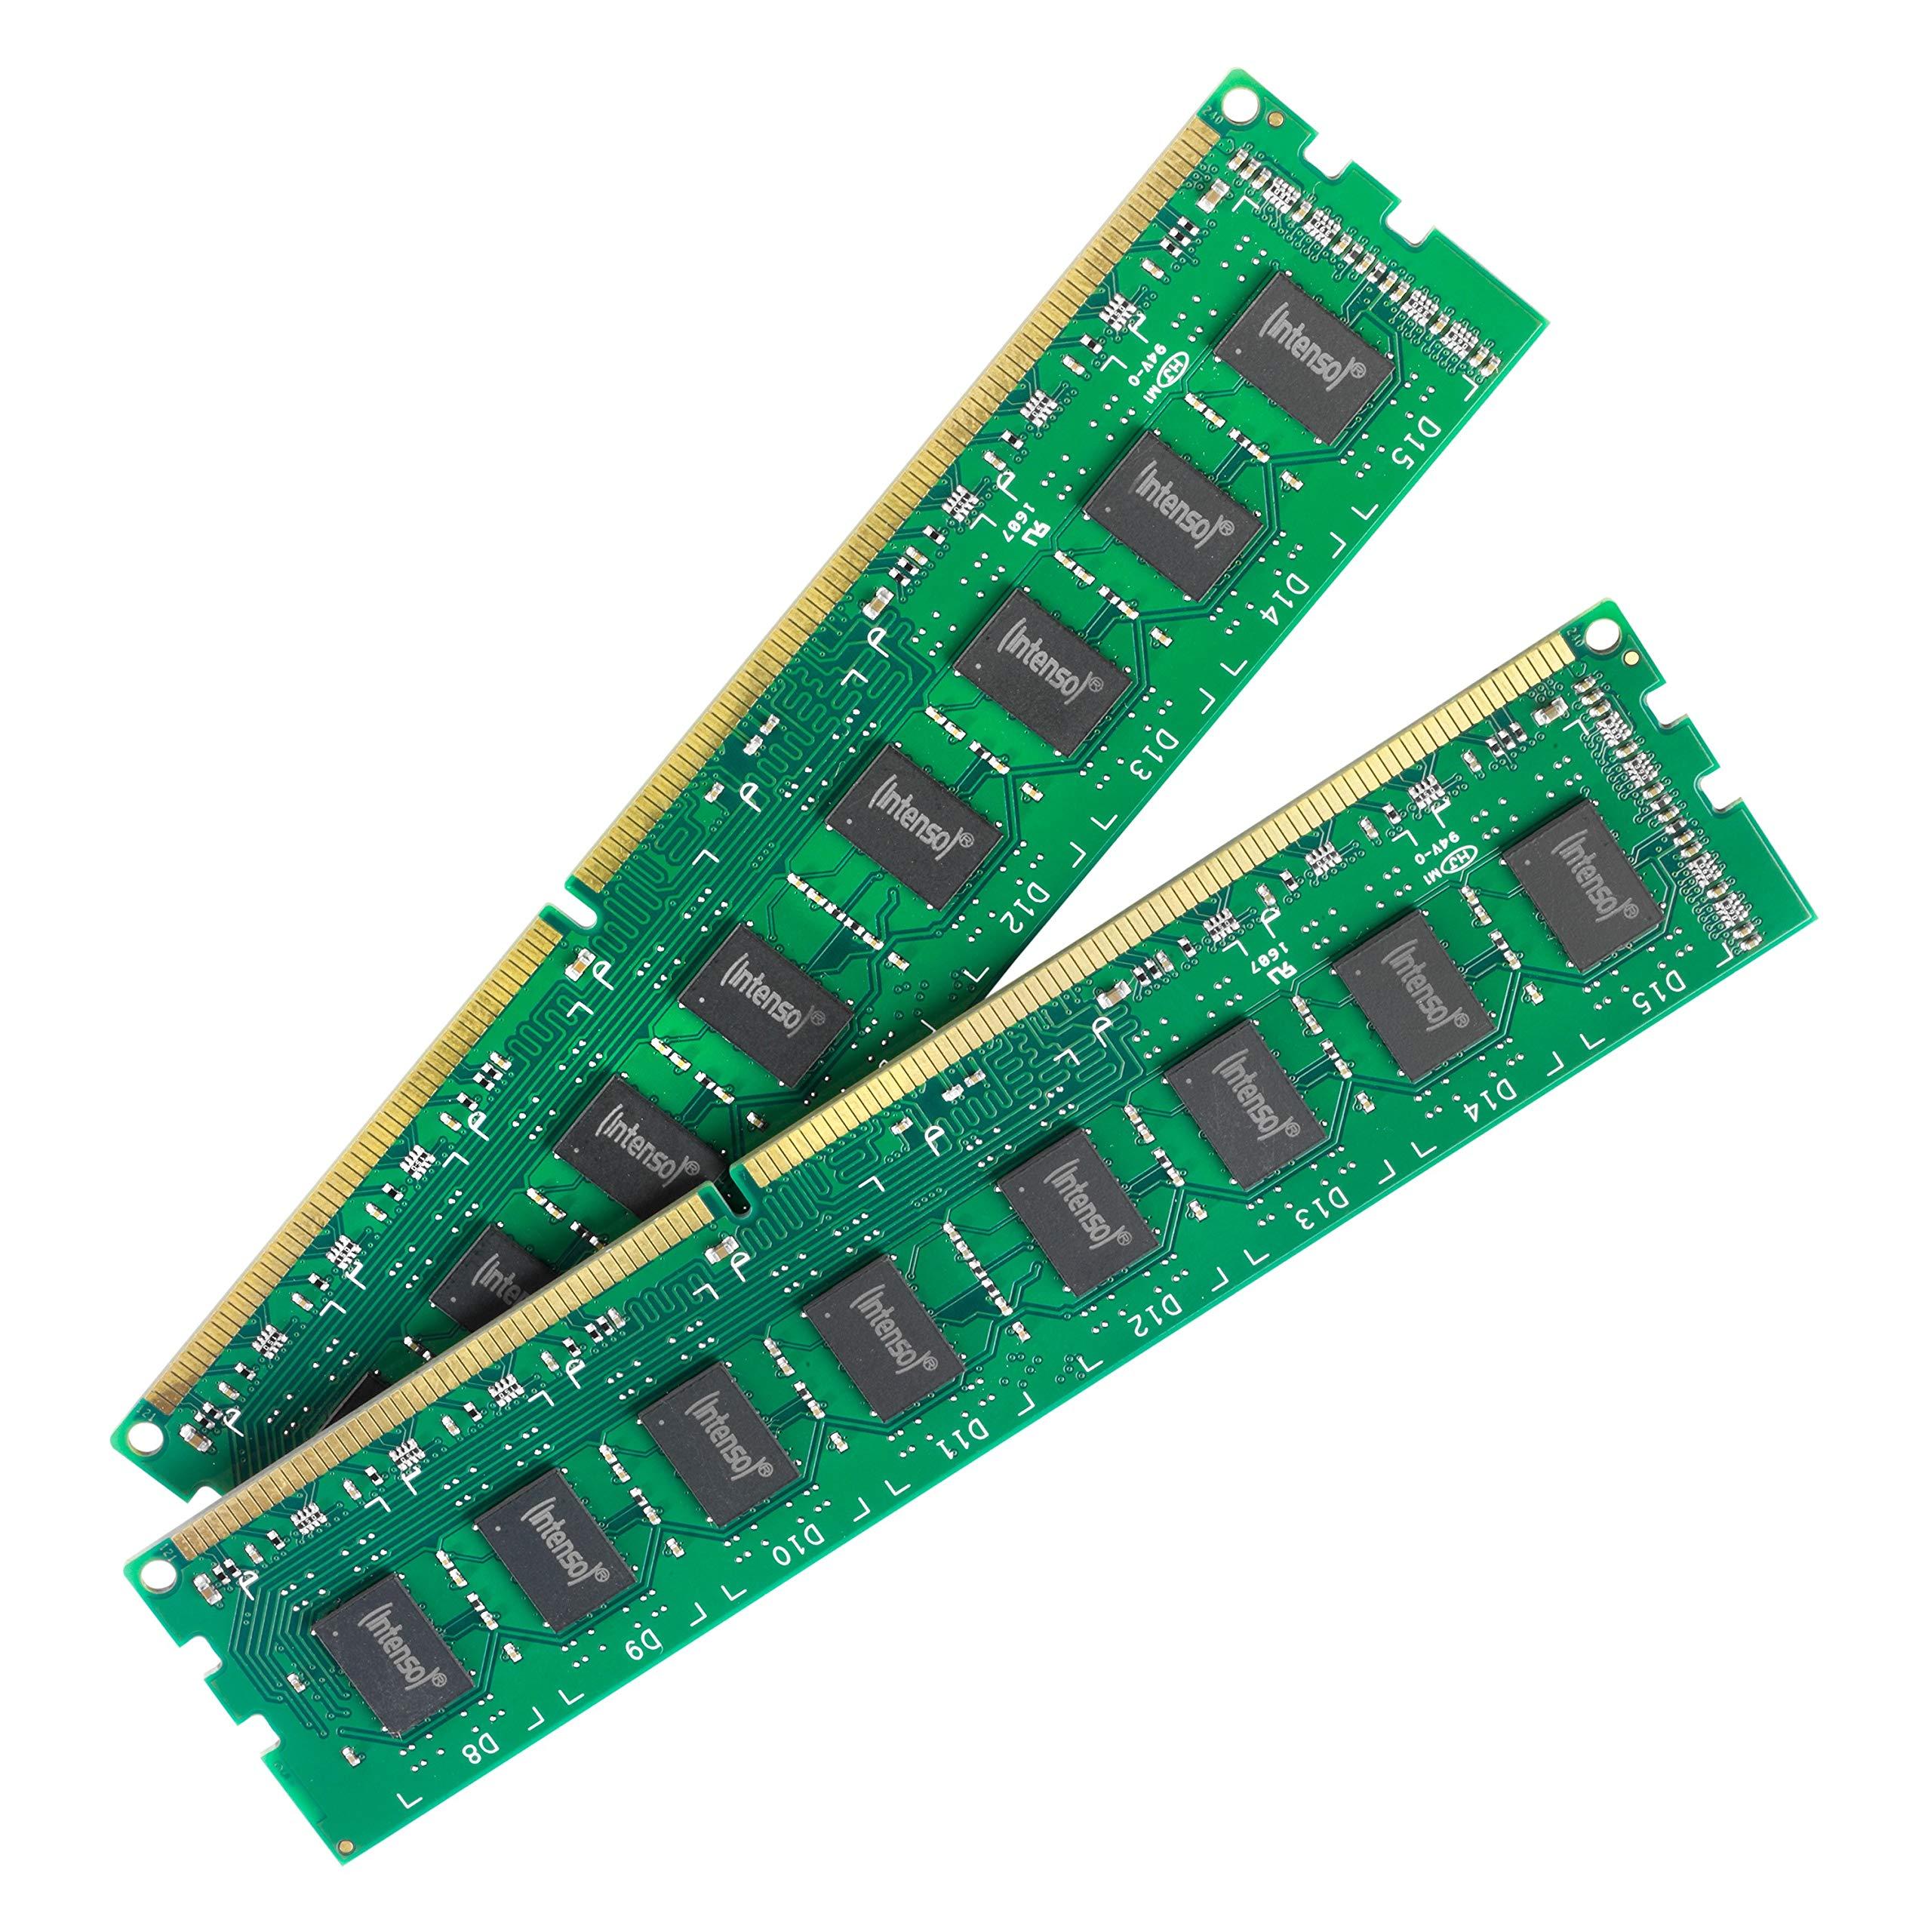 INTENSOデスクトッププロ16ギガバイトDDR4 2400MHzのメモリモジュール -  16ギガバイト(2x8GB、DDR4,2400 MHzの、288ピンDIMMモジュール)